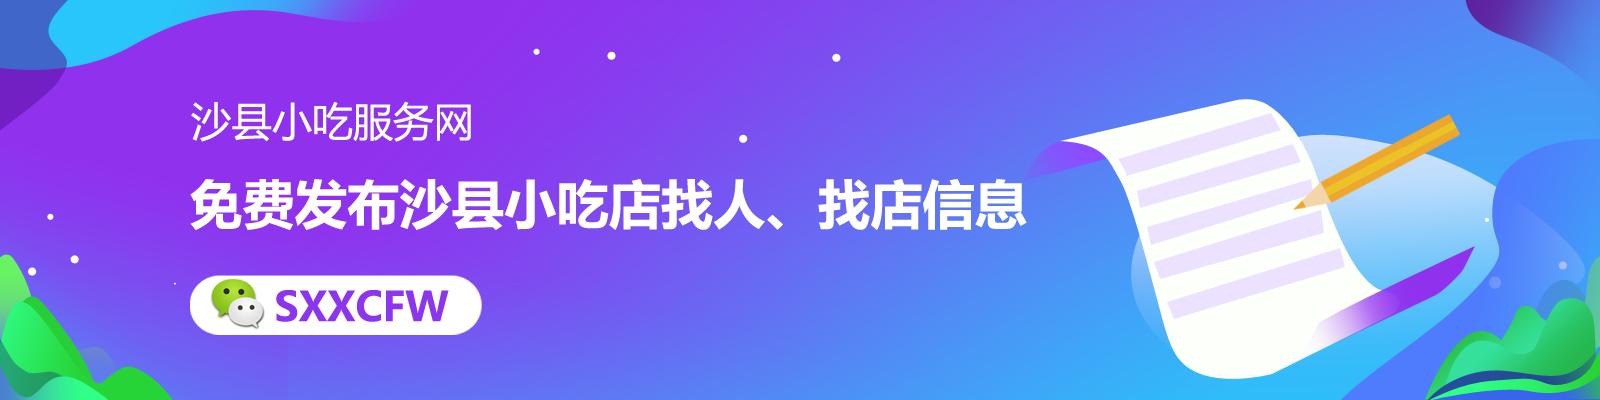 沙县小吃店找人、找店信息,微信sxxcfw